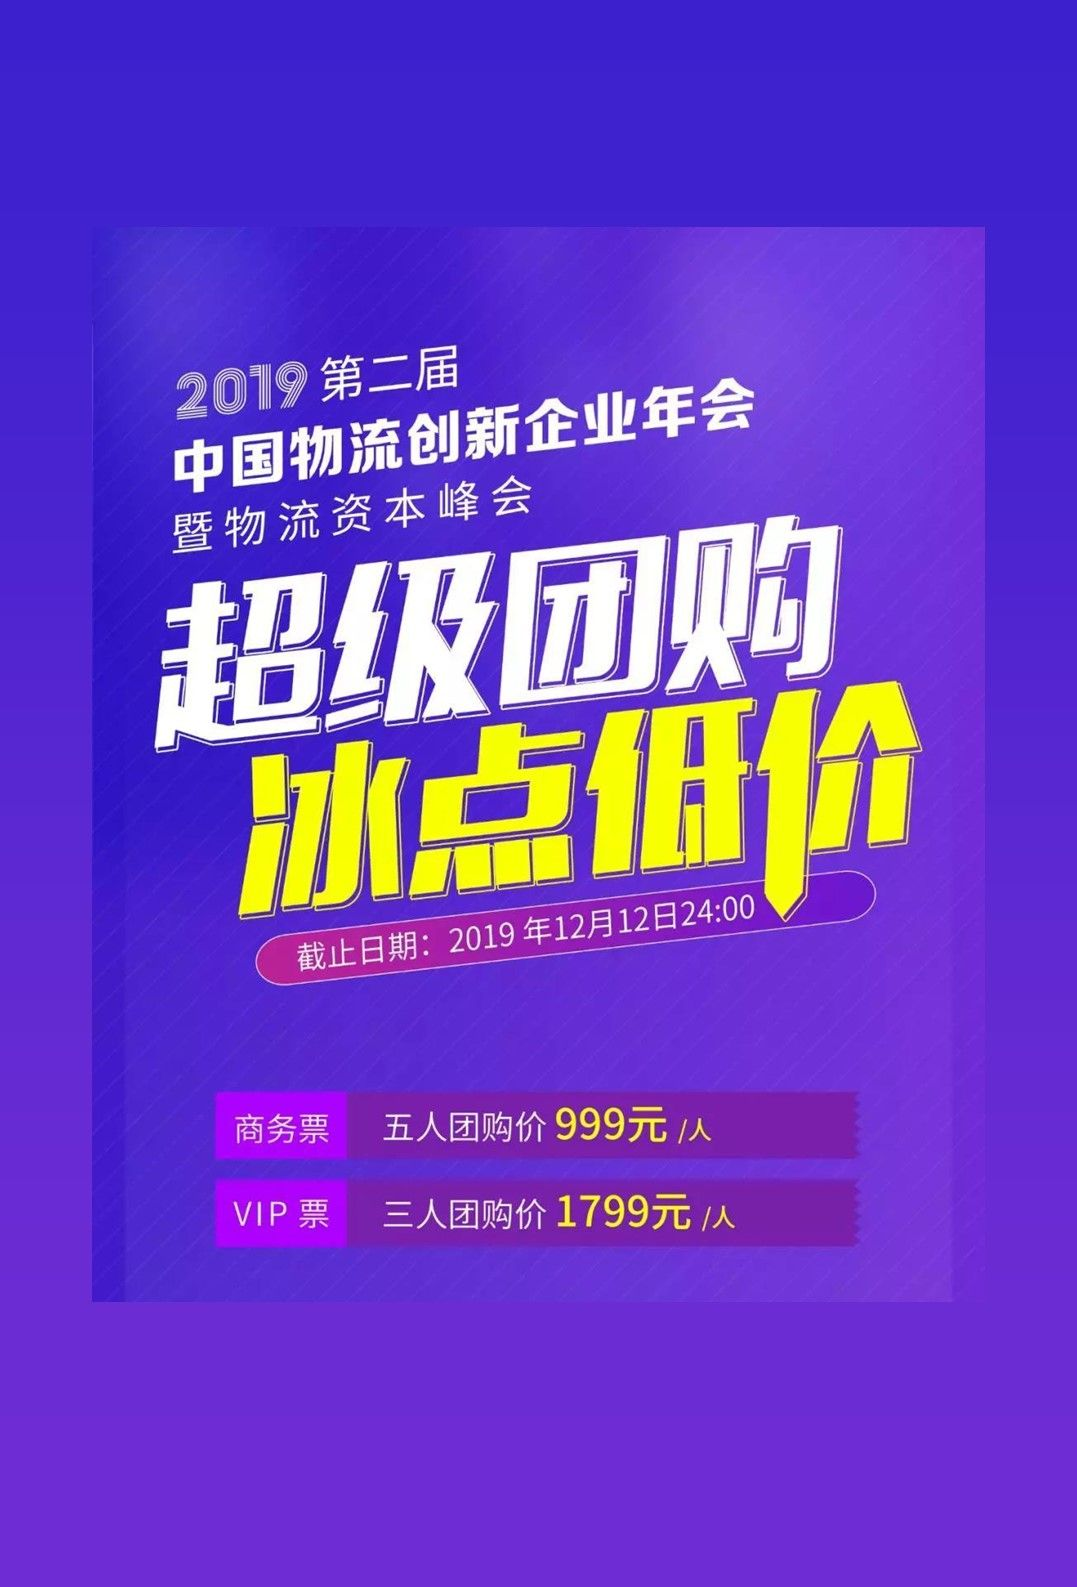 12.19·上海   超级团购 冰点低价-2019第二届中国物流创新企业年会 商务票团购